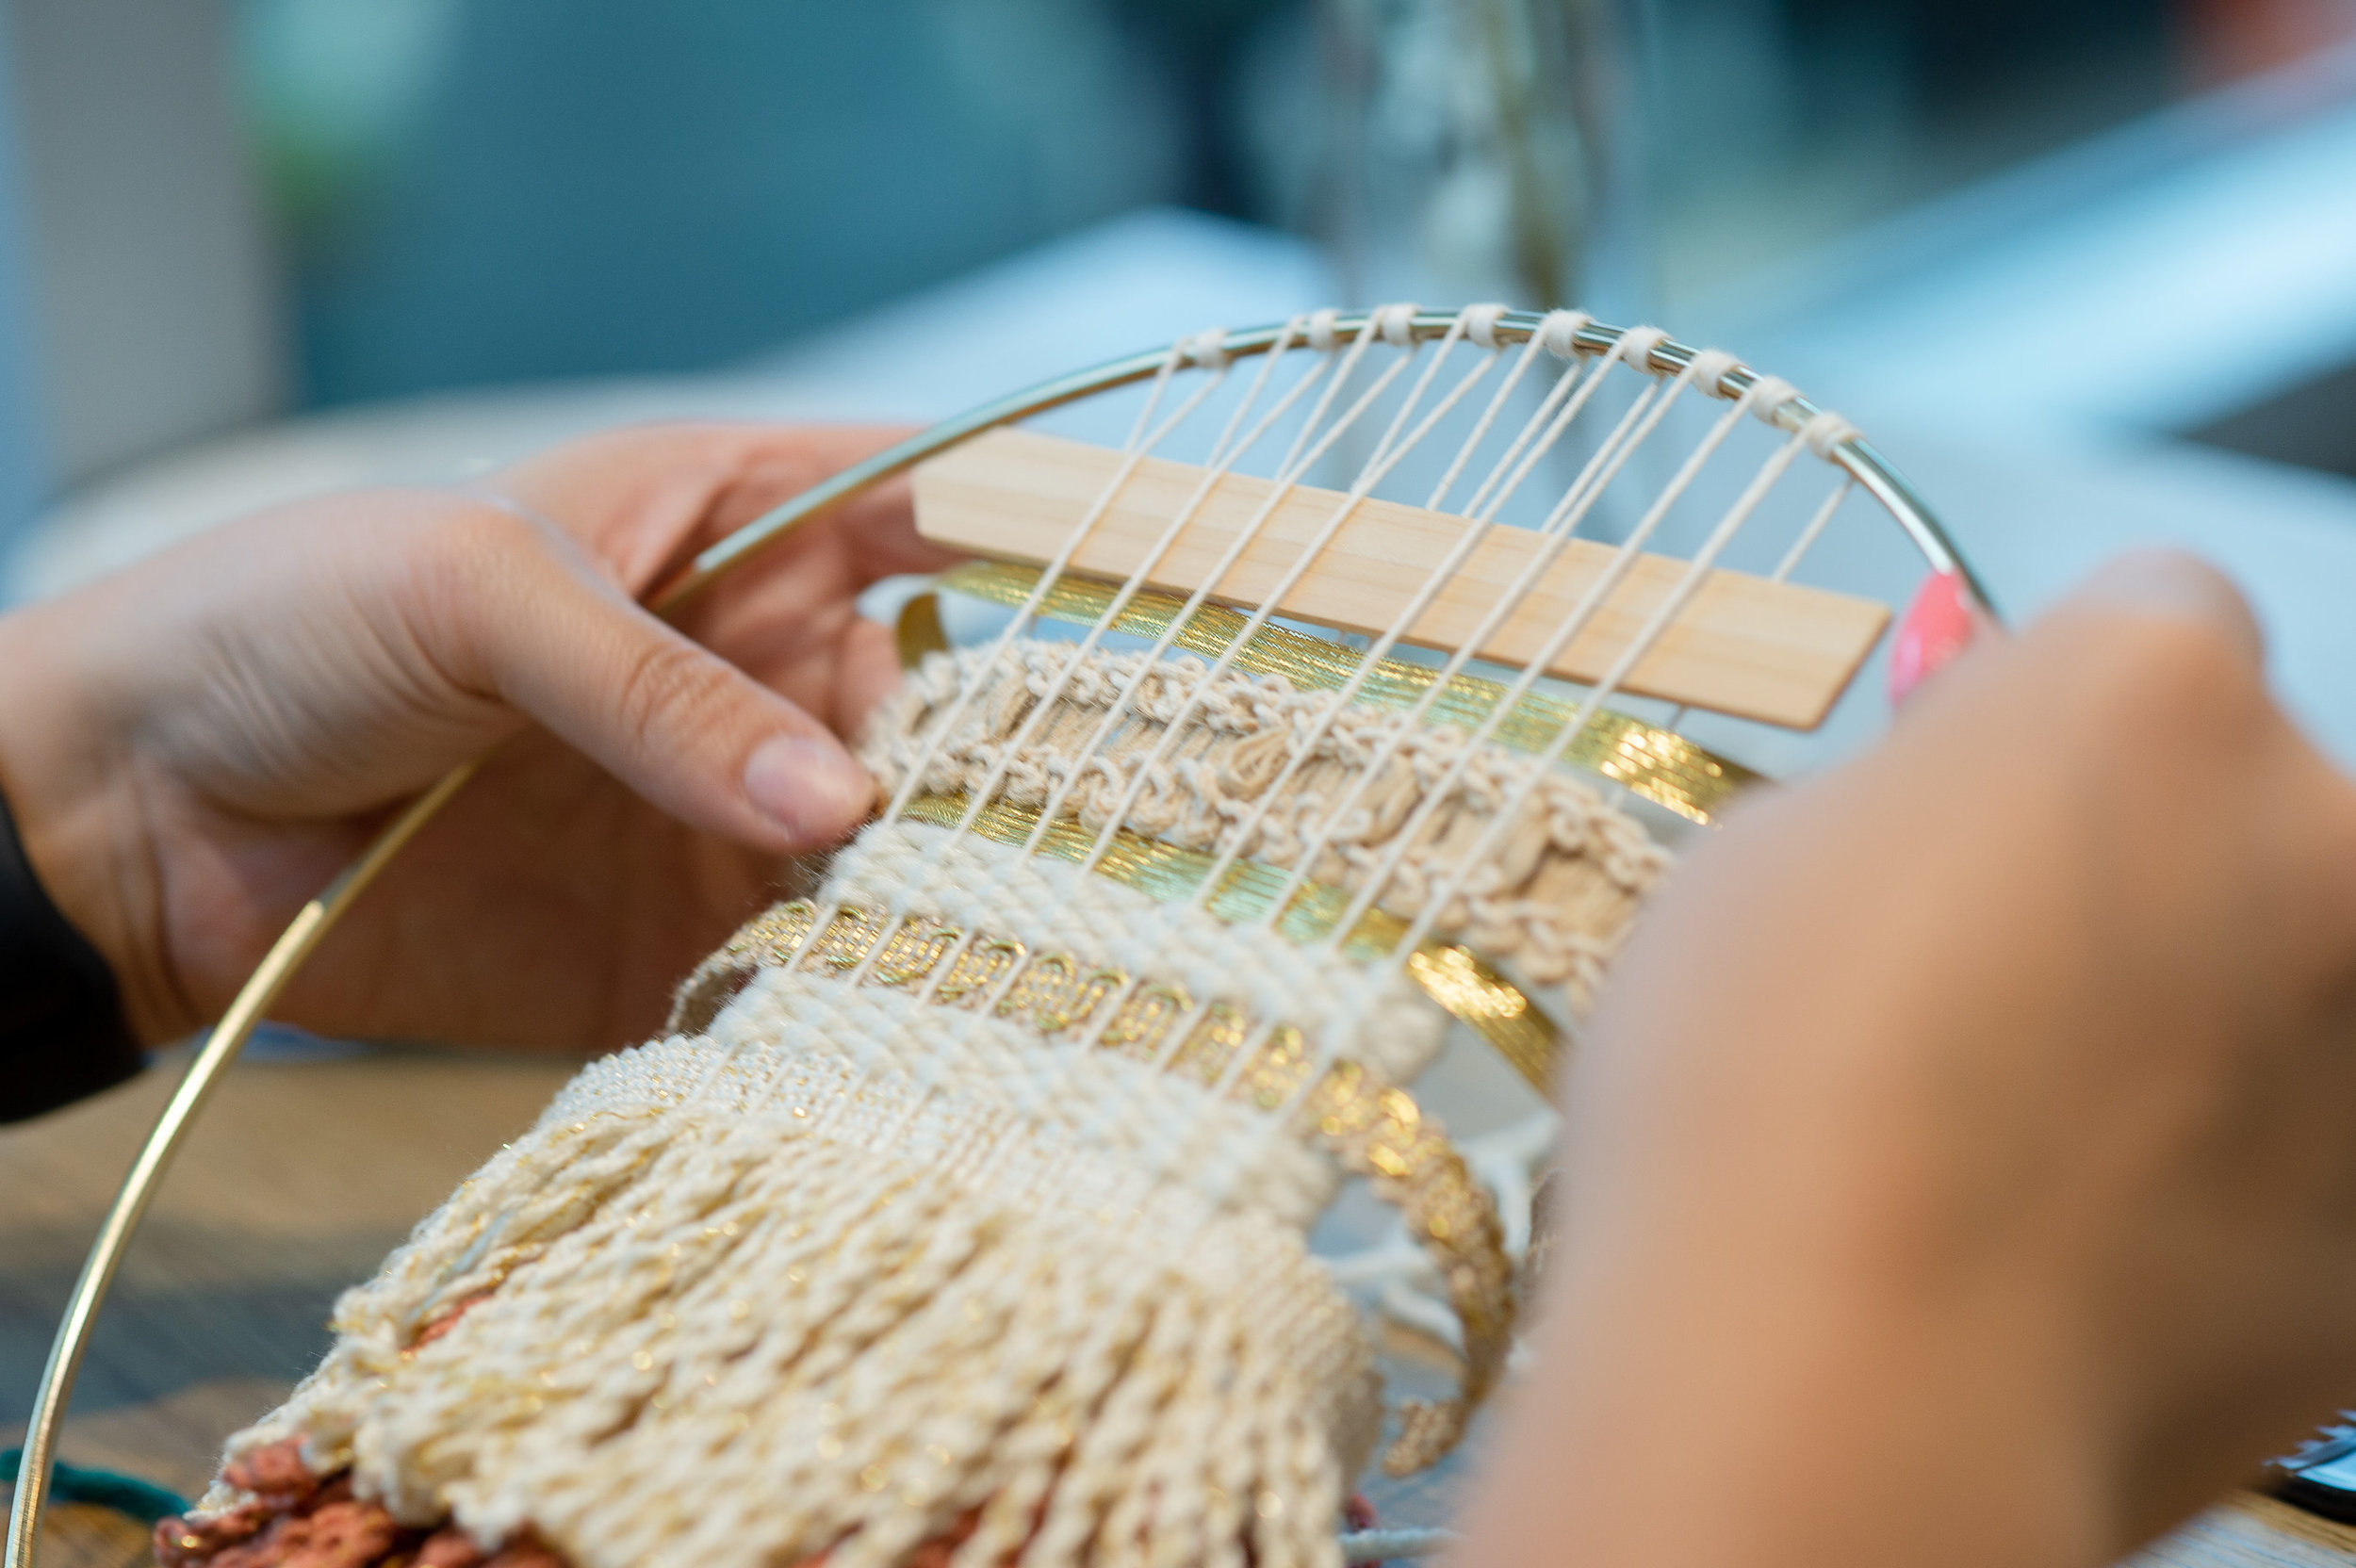 062118_WW_Weaving-65.jpg